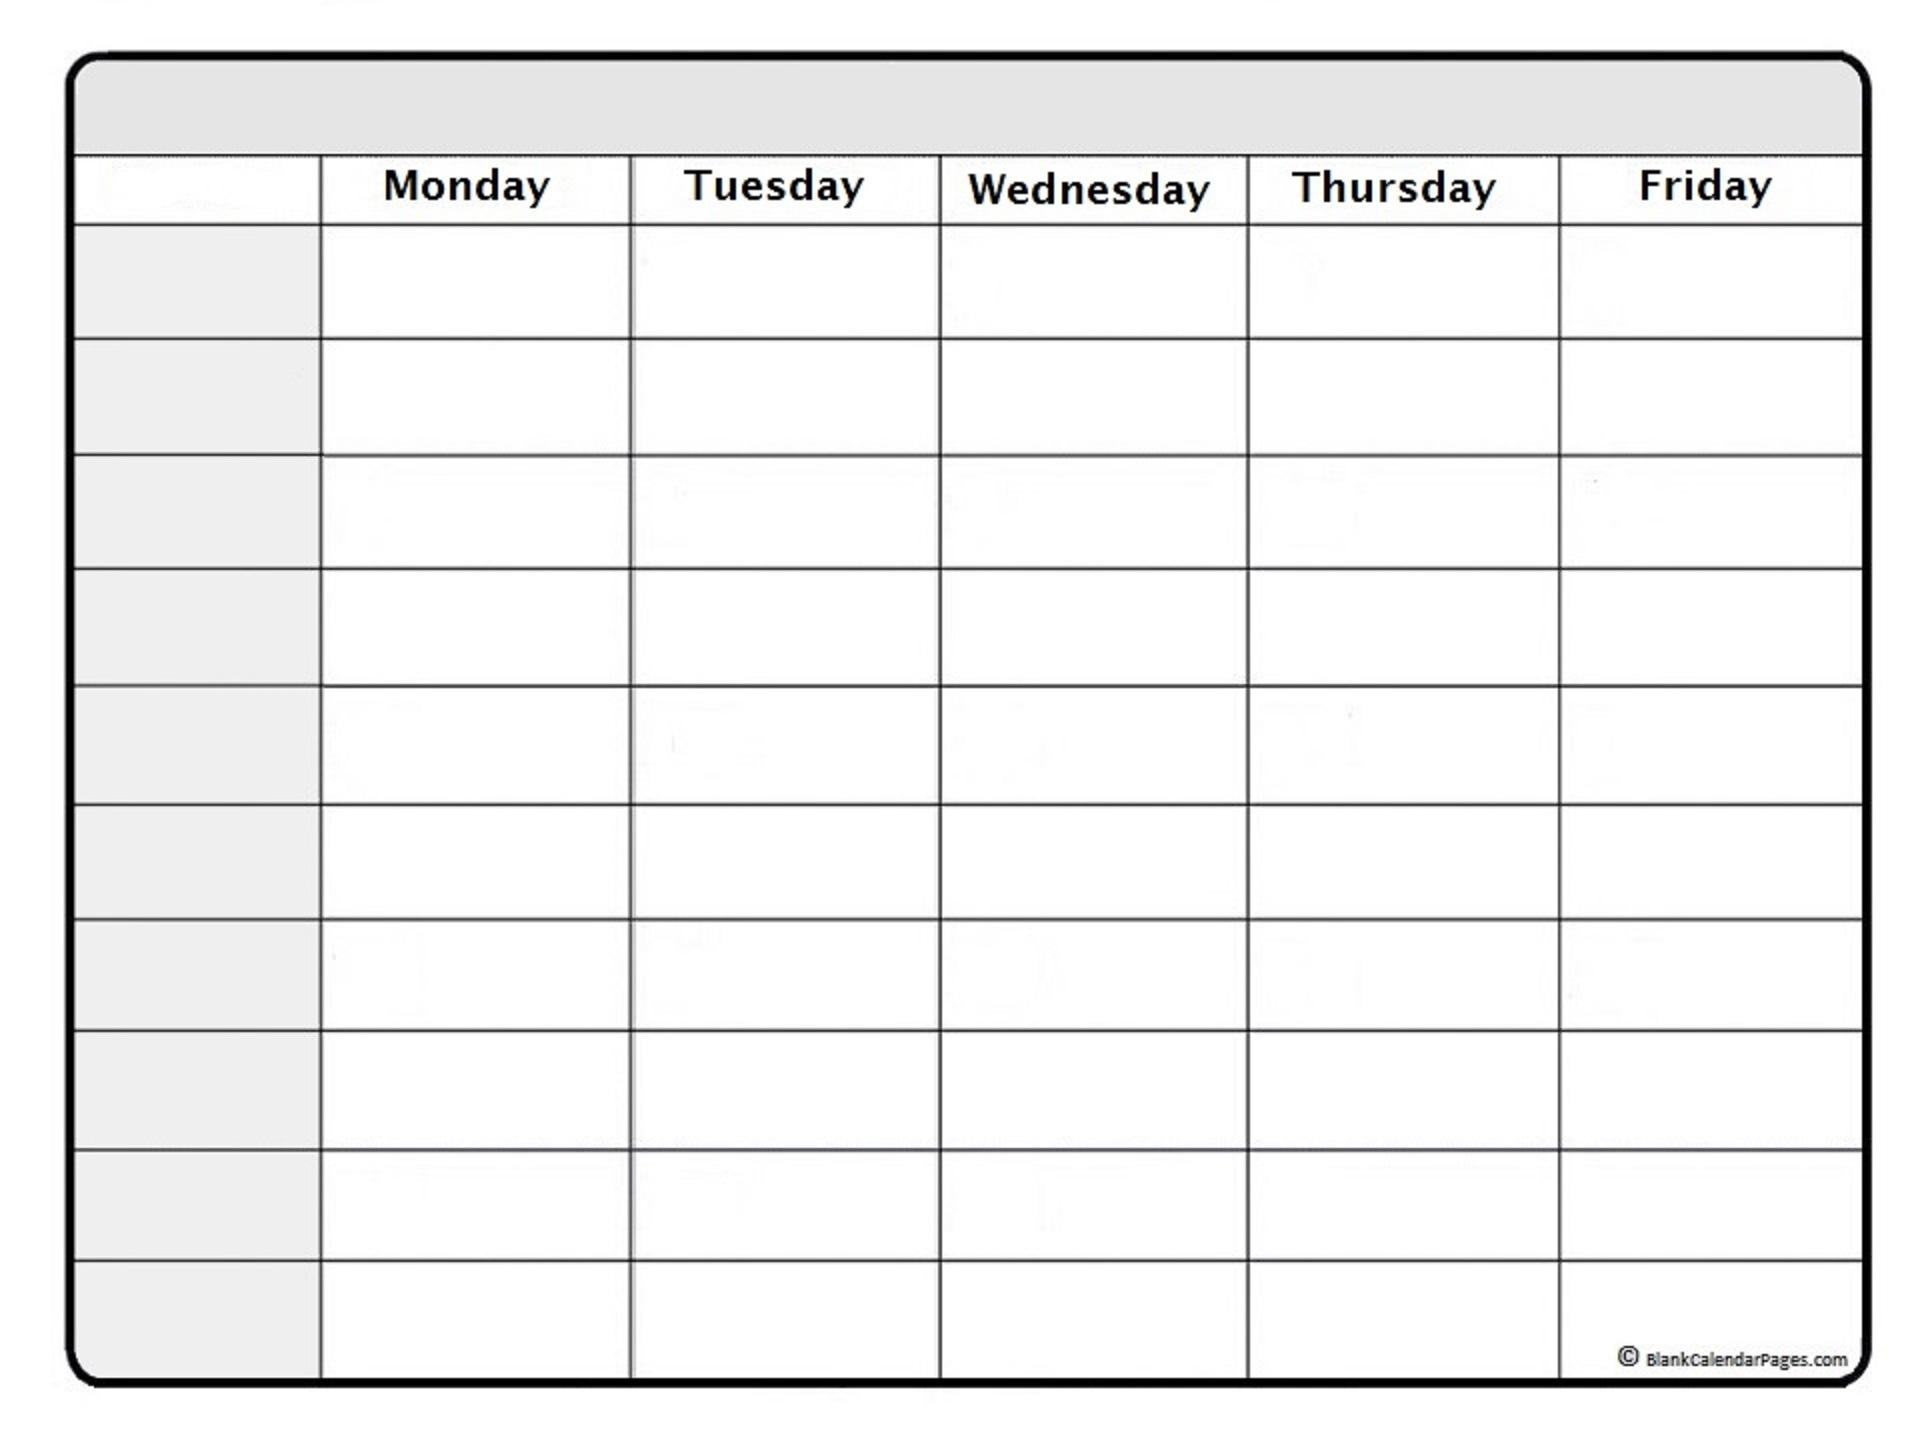 December 2020 Weekly Calendar | December 2020 Weekly Free Calendar Weekly Template